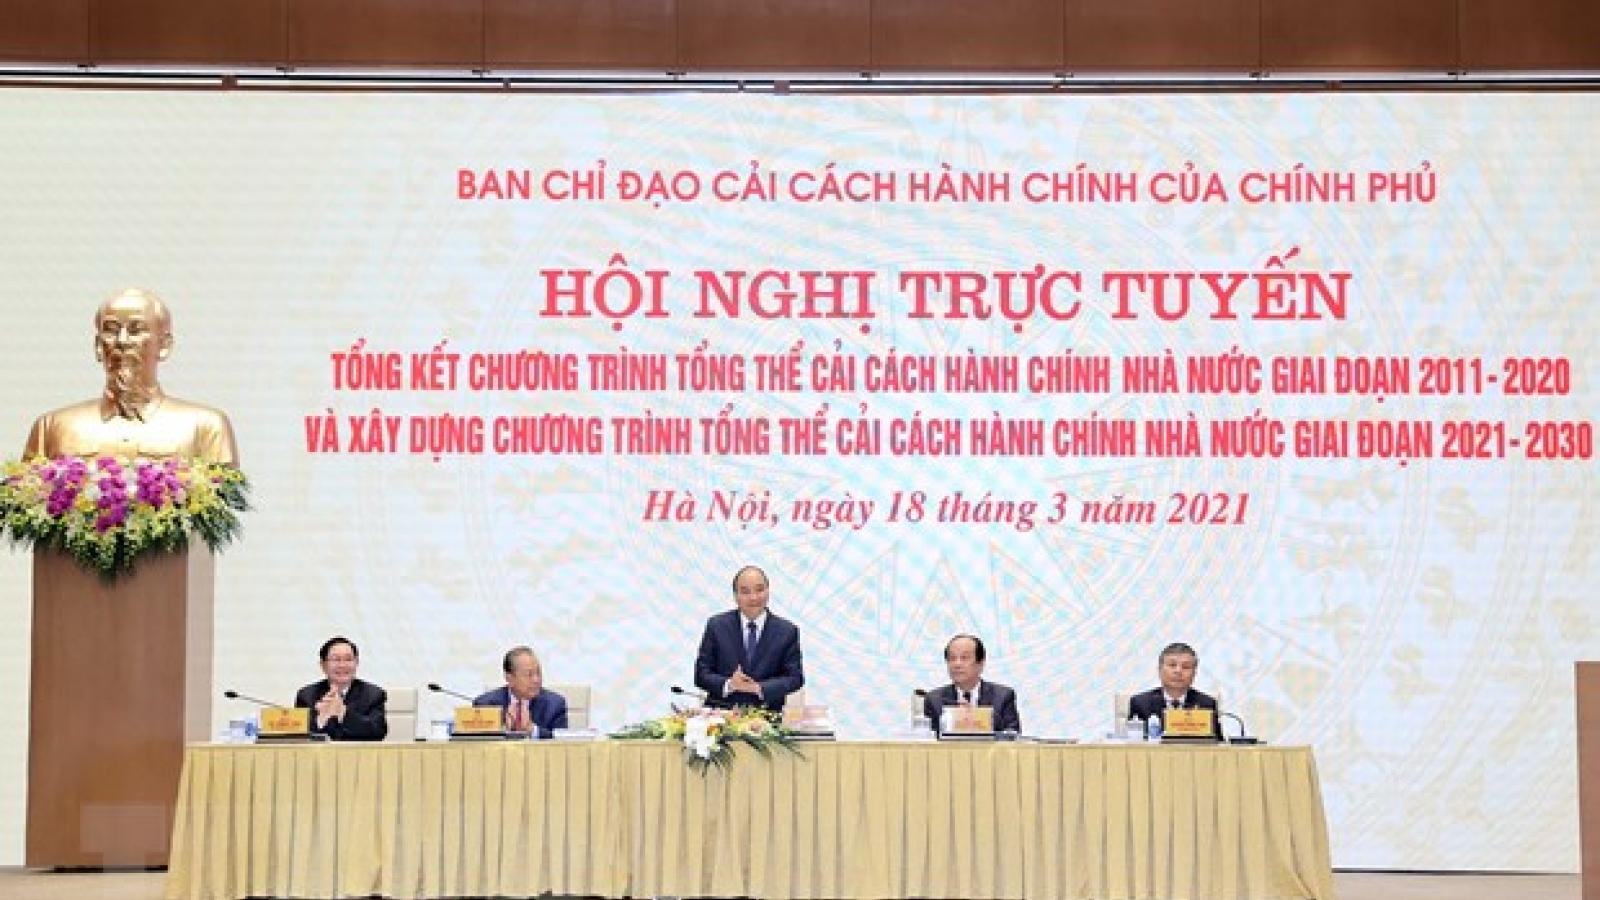 Thủ tướng chỉ đạo thí điểm đơn vị ngoài nhà nước cung cấp dịch vụ công